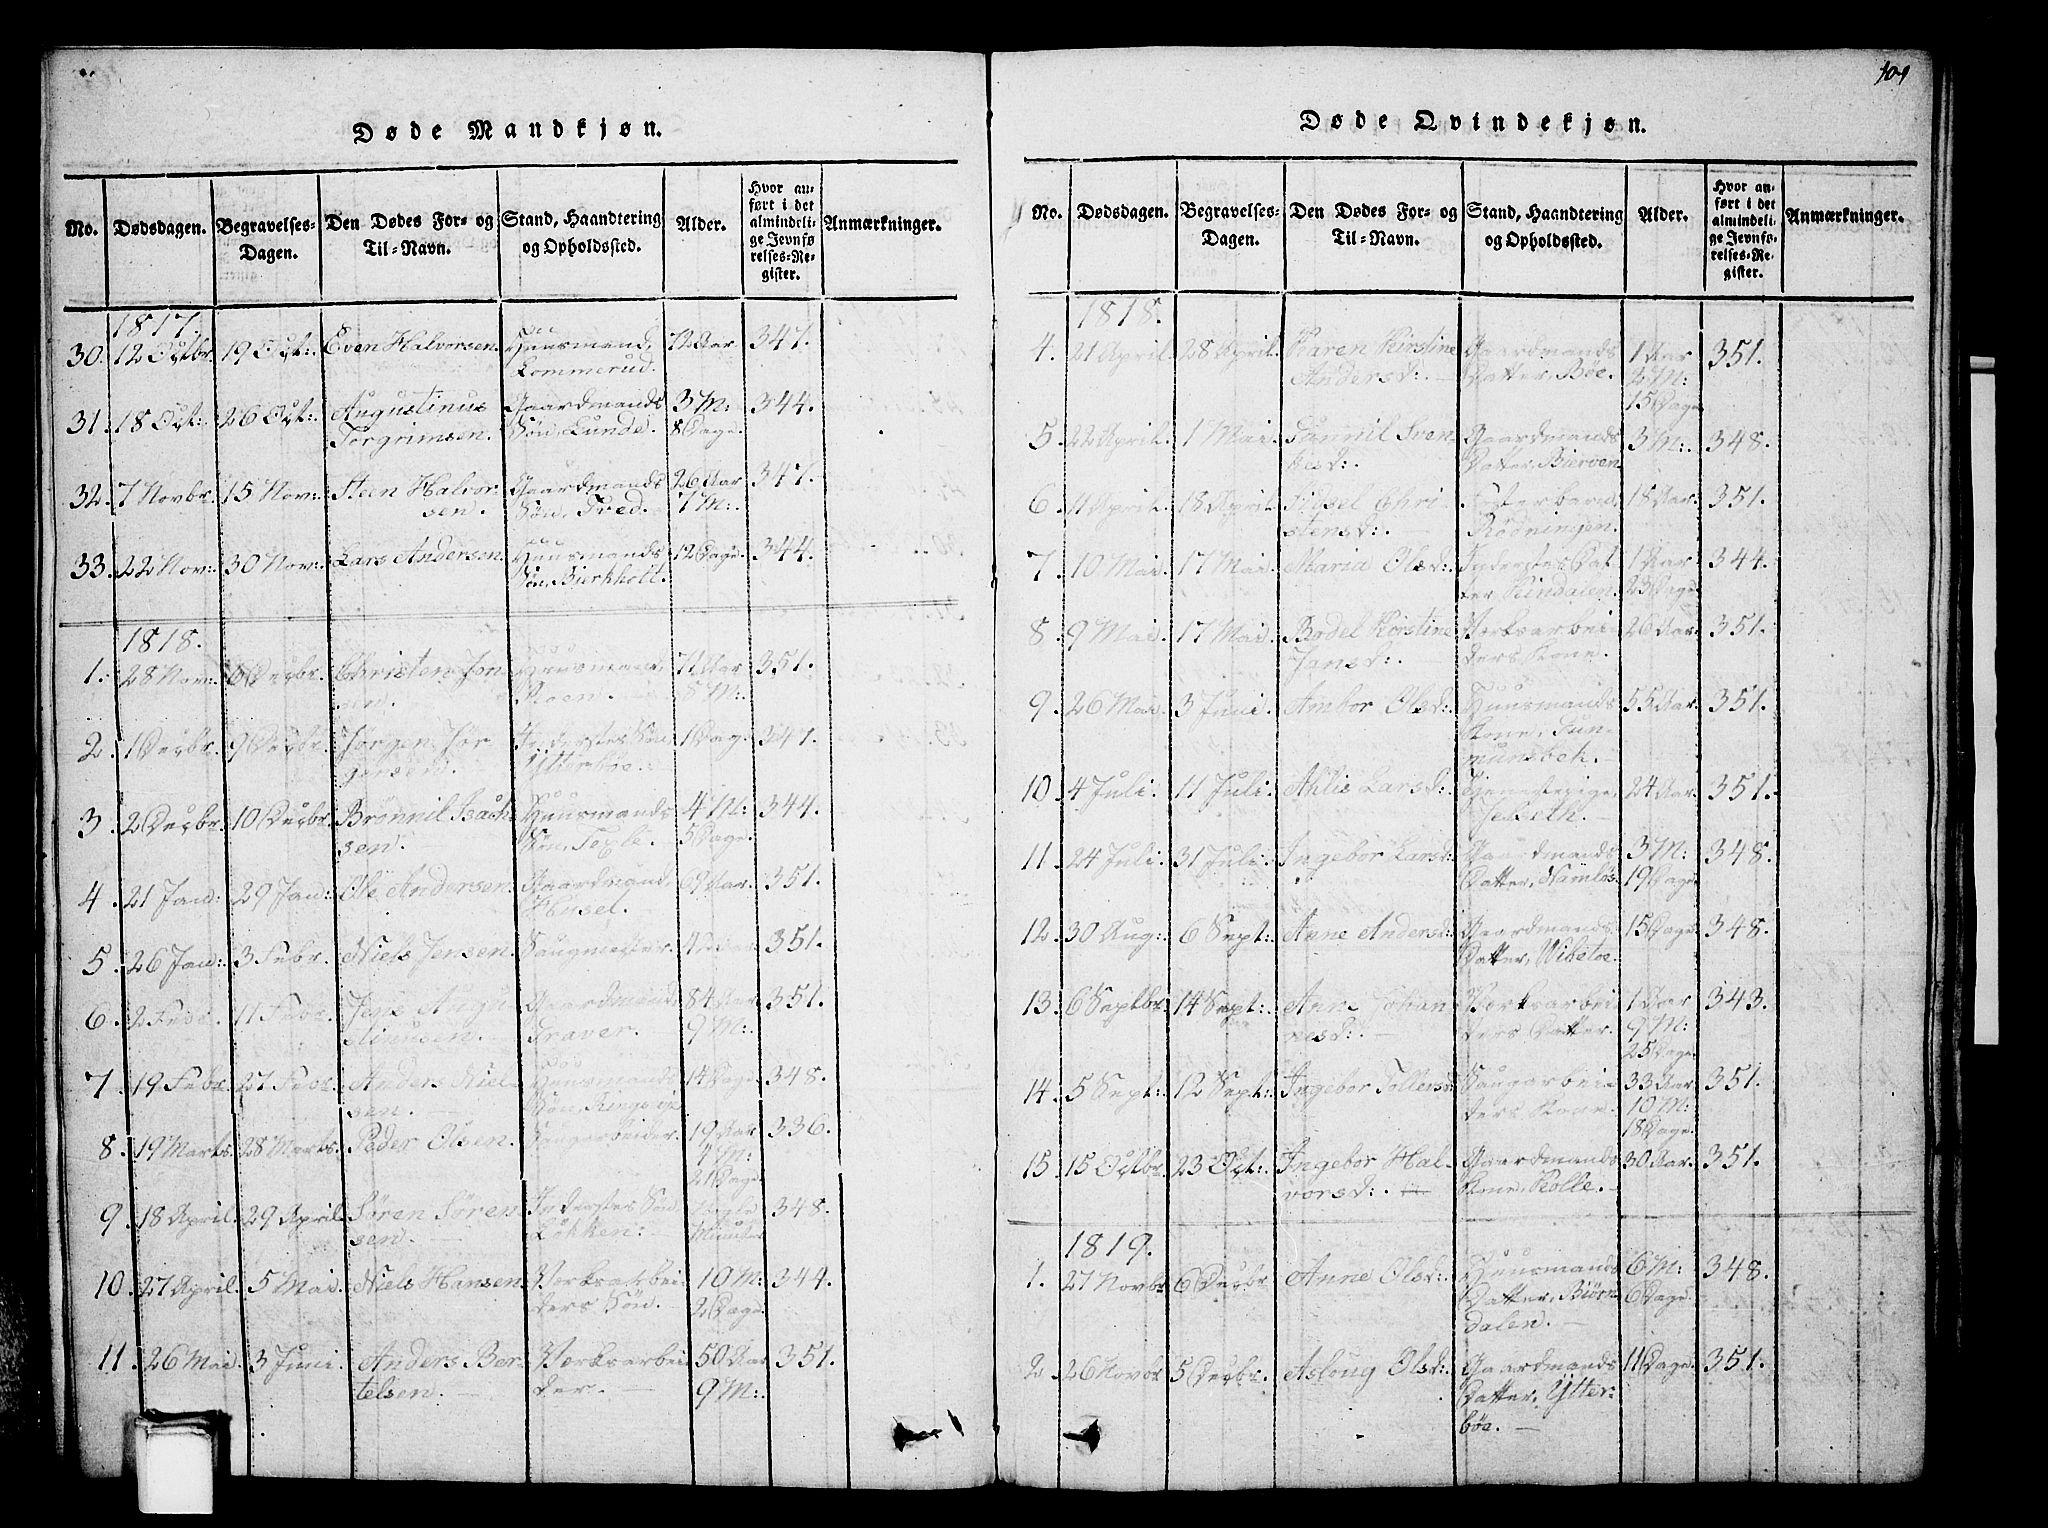 SAKO, Holla kirkebøker, G/Ga/L0001: Klokkerbok nr. I 1, 1814-1830, s. 101